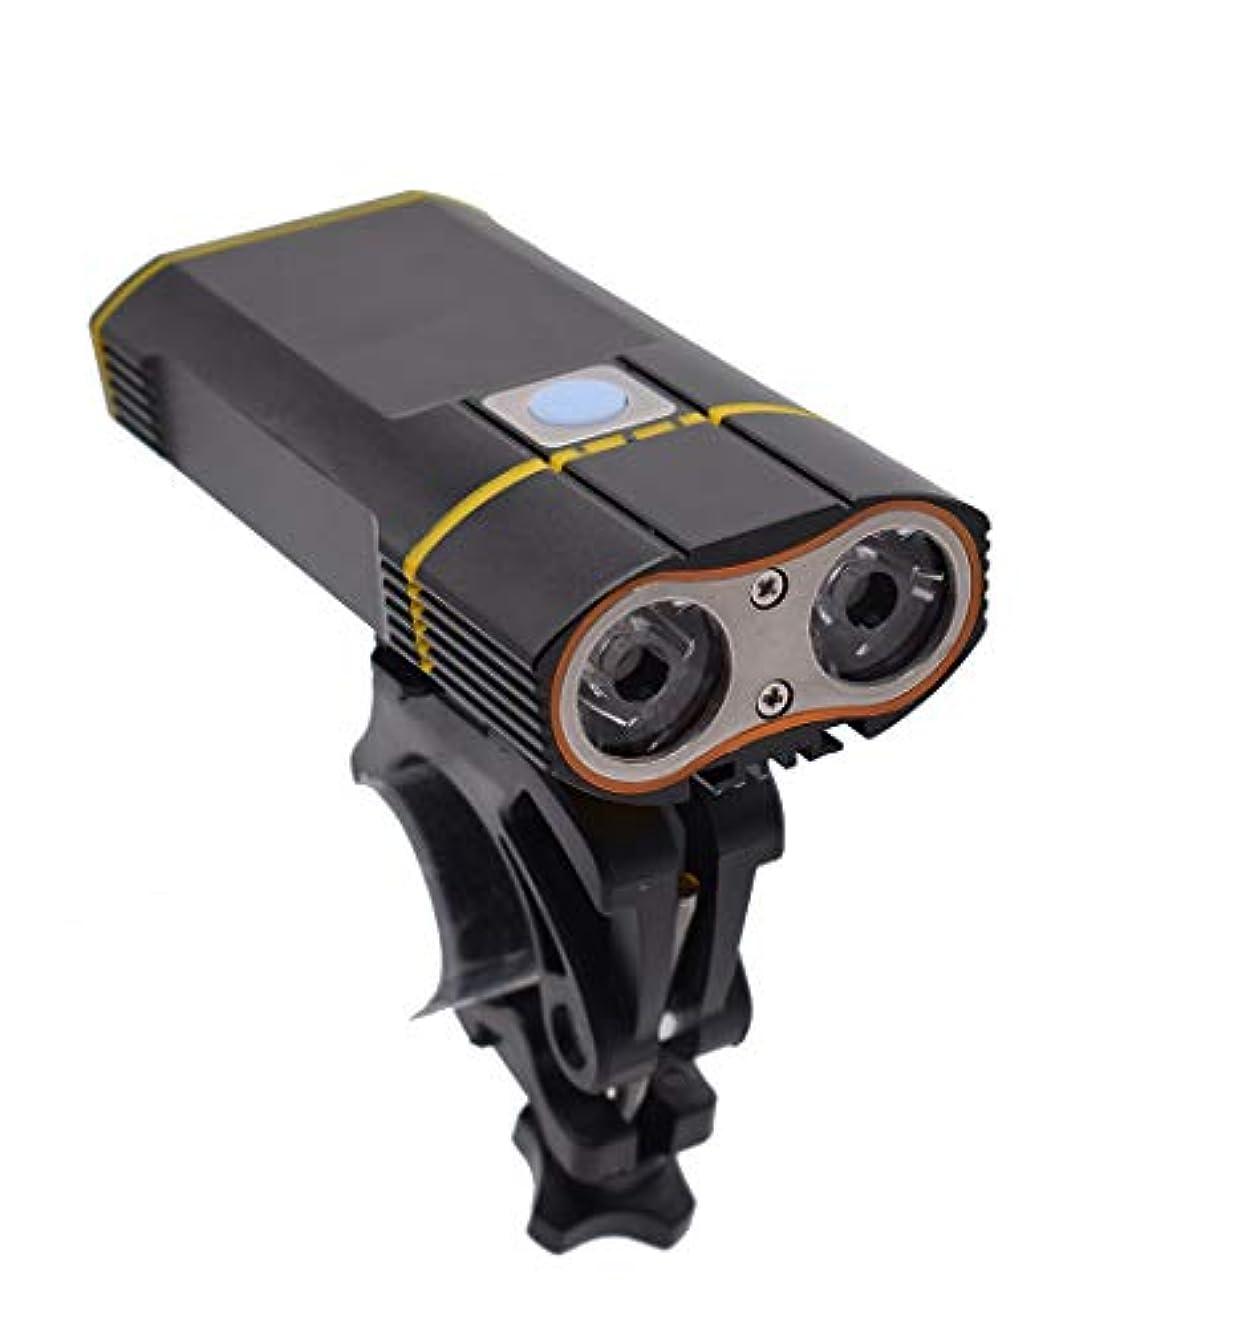 削除する飼い慣らす牽引自転車用照明器具、USB充電LEDライト、ナイトライディング、アウトドアキャンプ